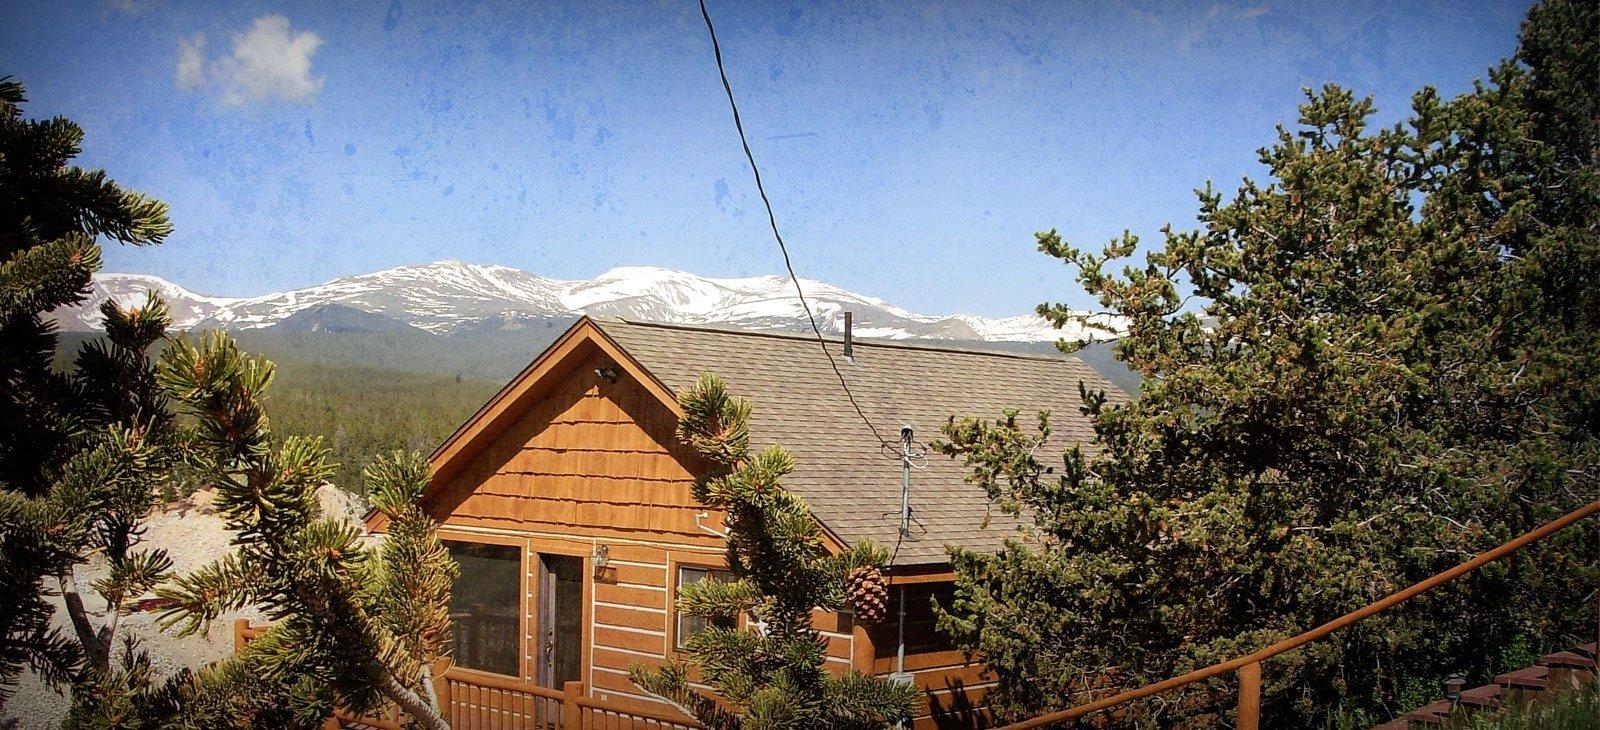 Colorado mountain houses